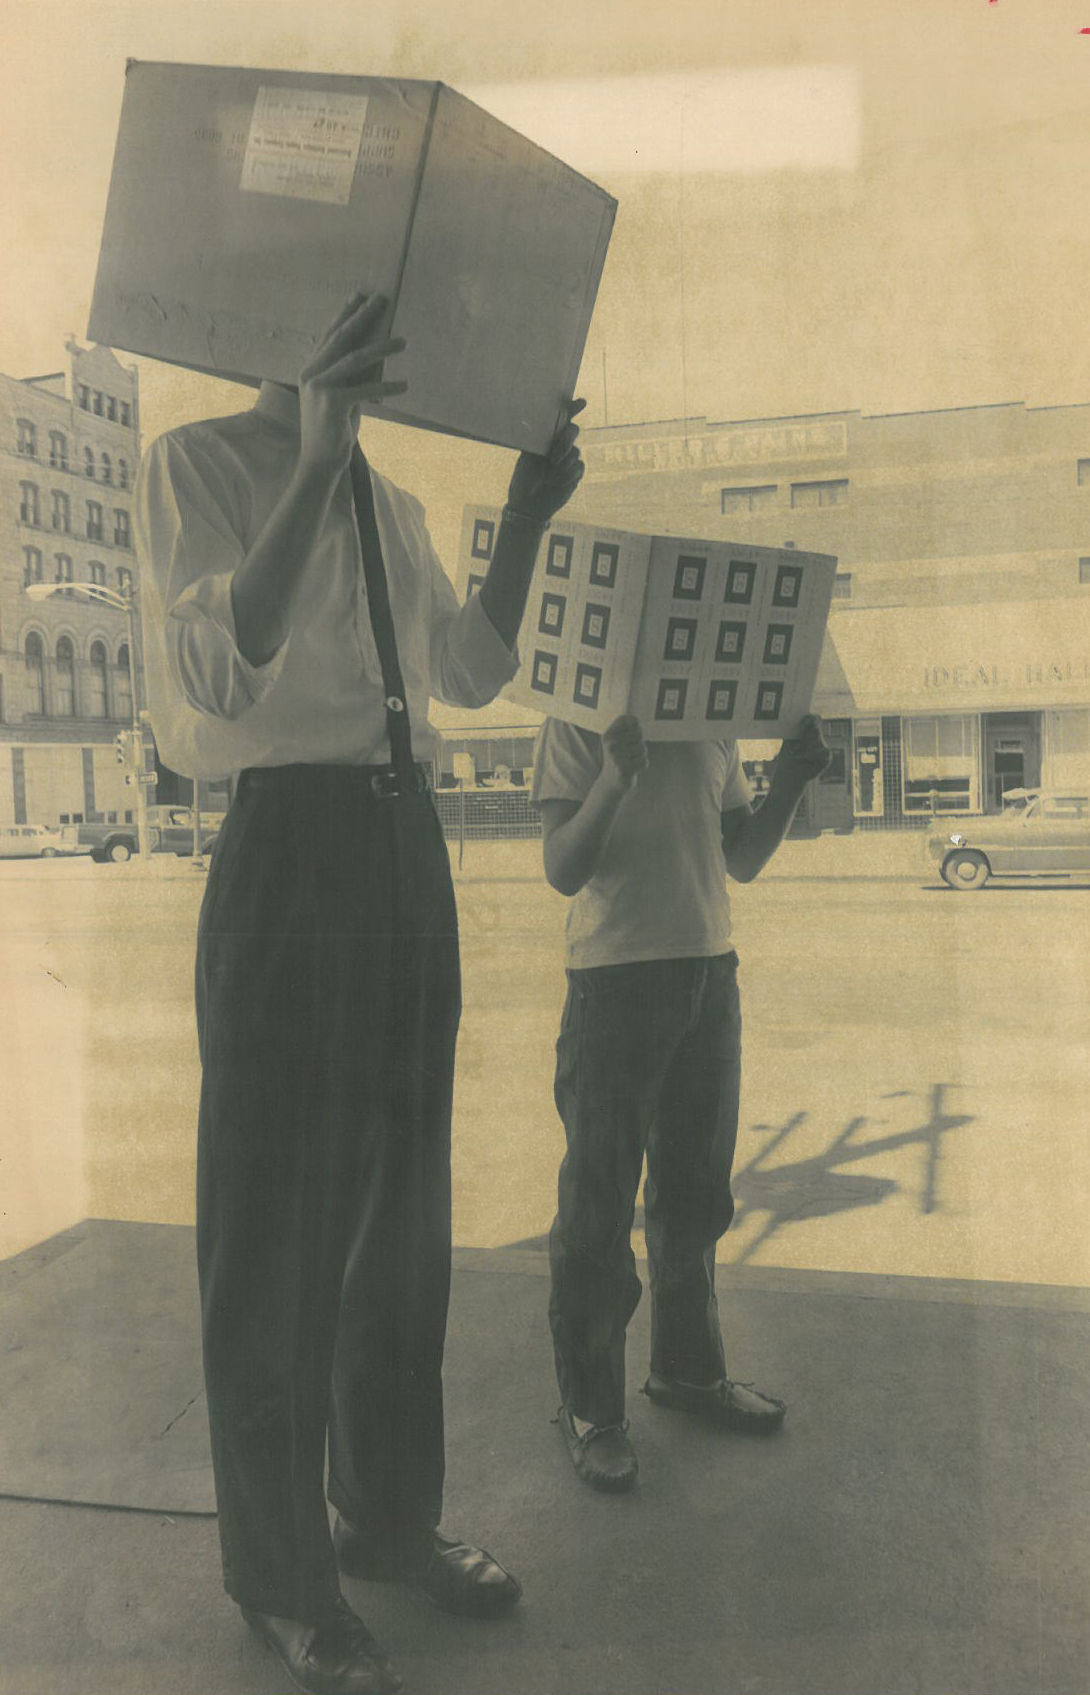 1963 eclipse